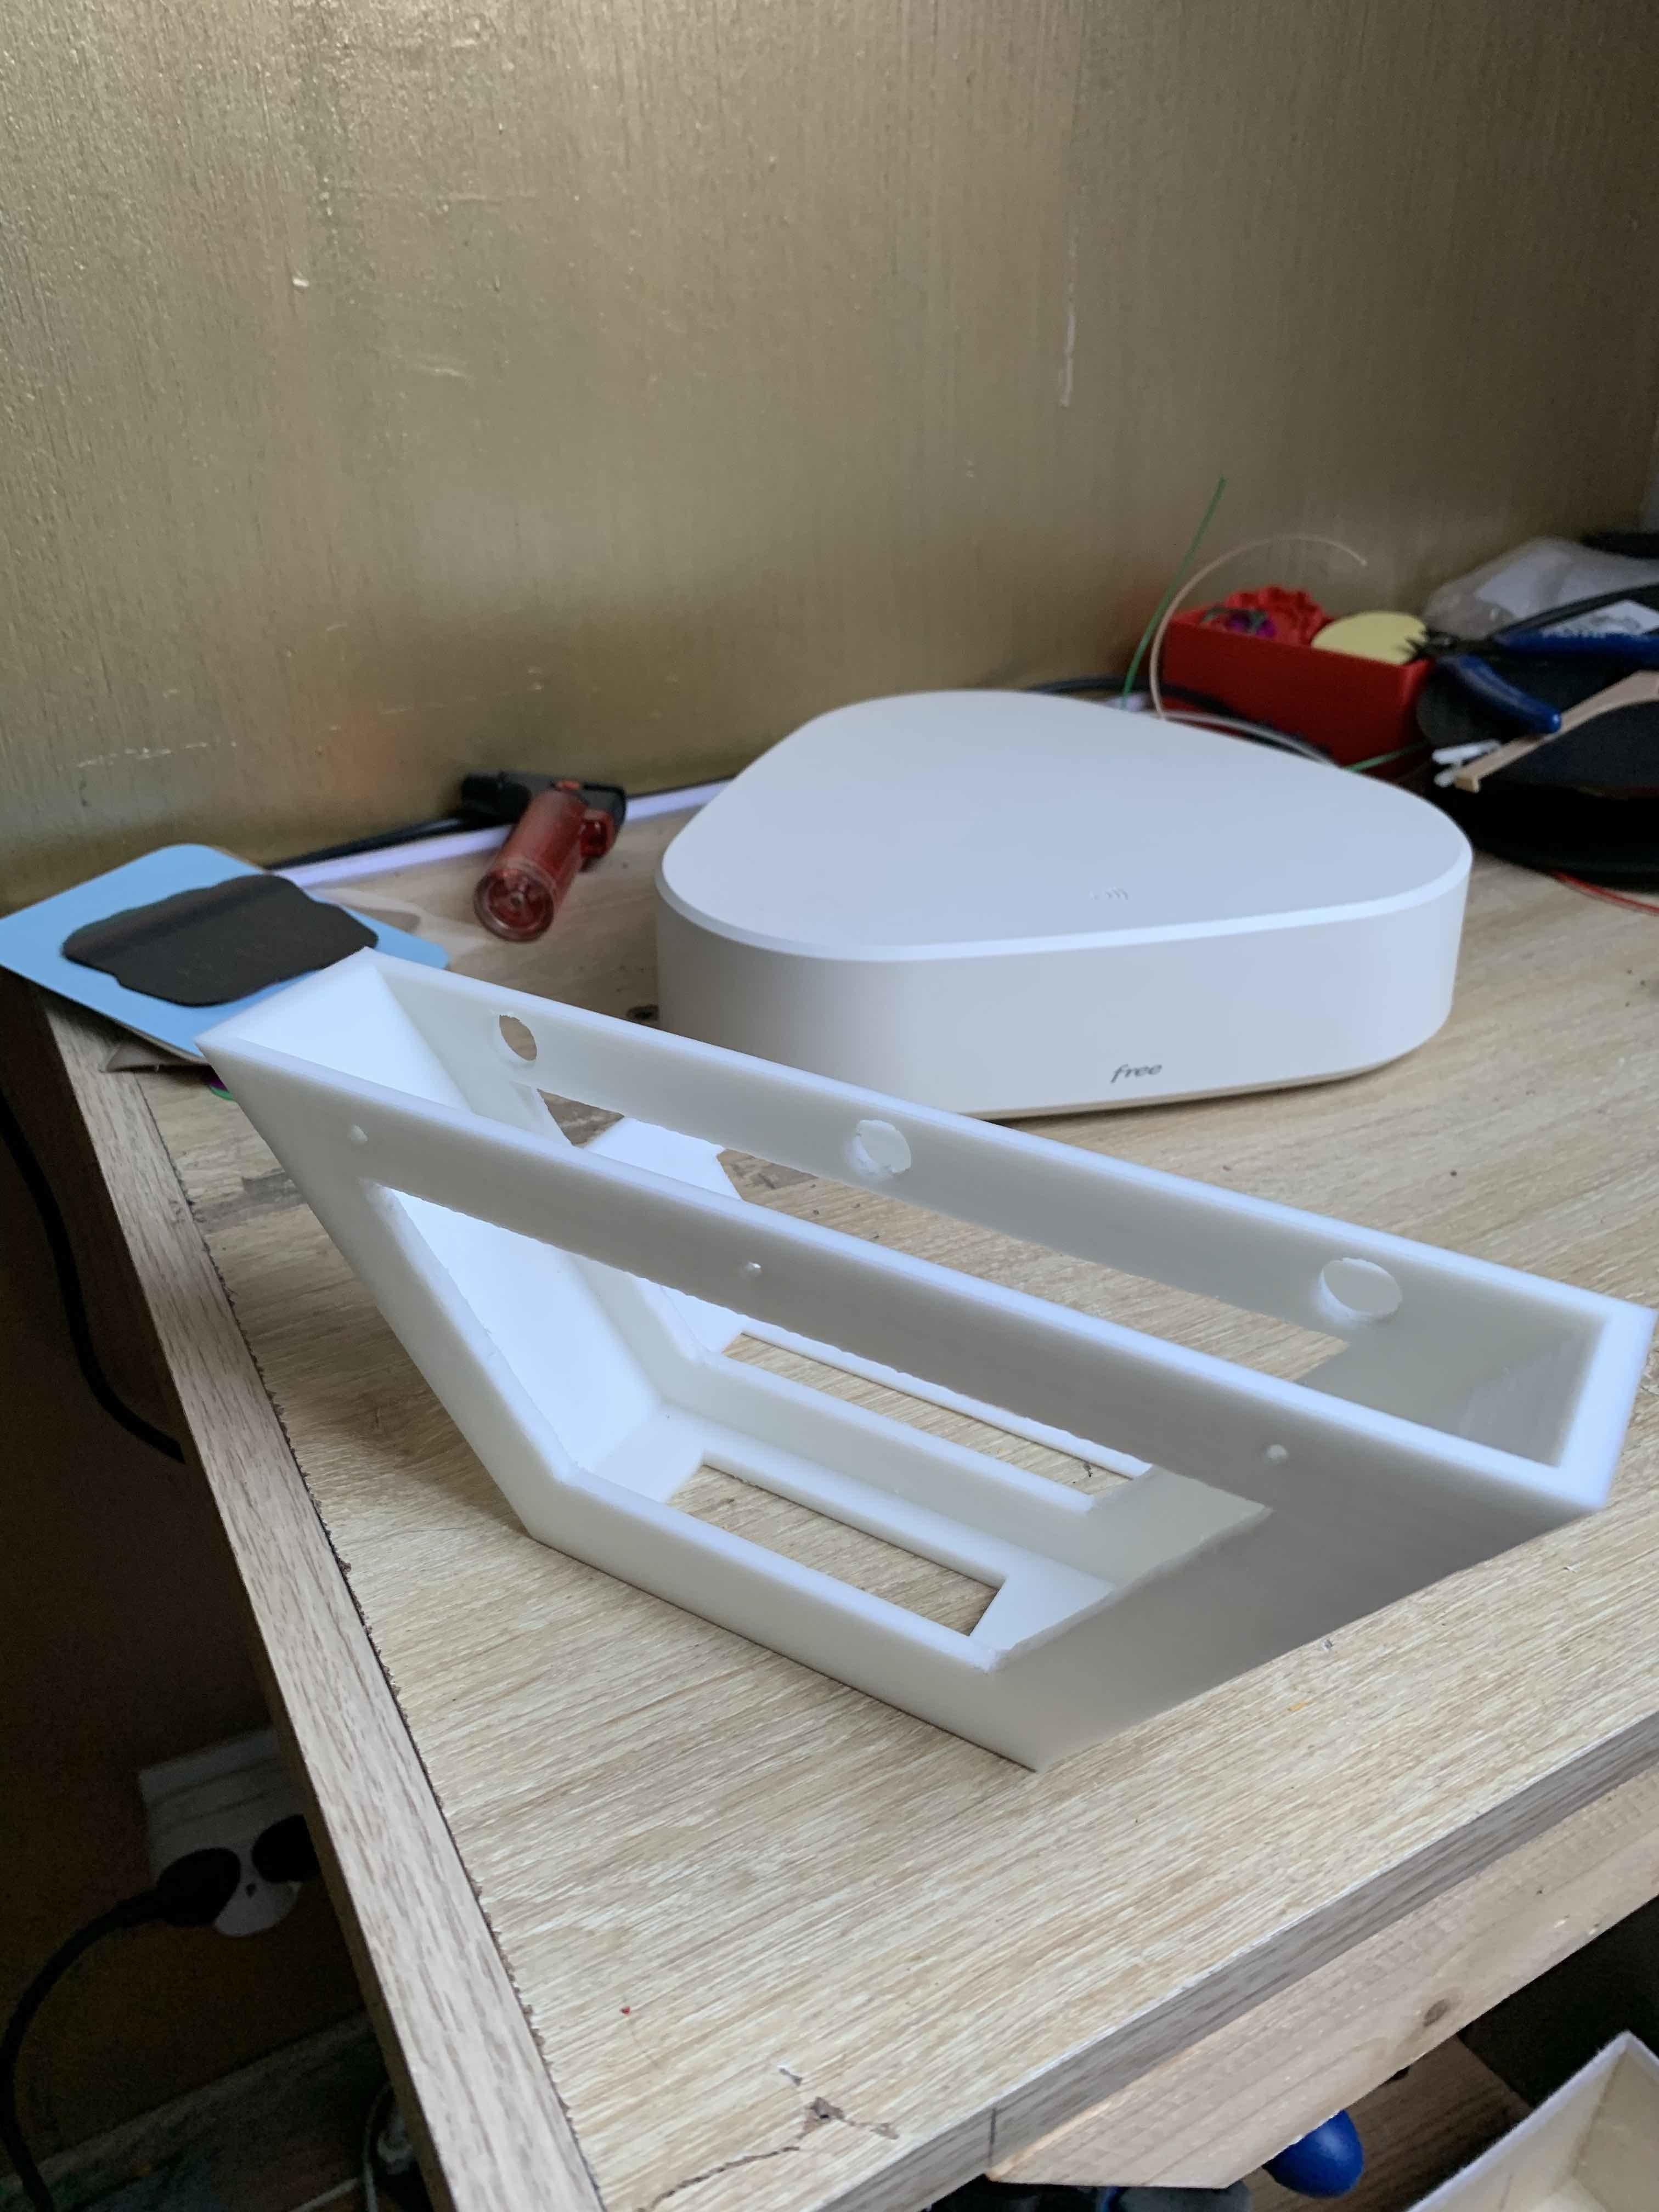 Télécharger fichier STL Support FREEBOX DELTA • Modèle imprimable en 3D ・ Cults